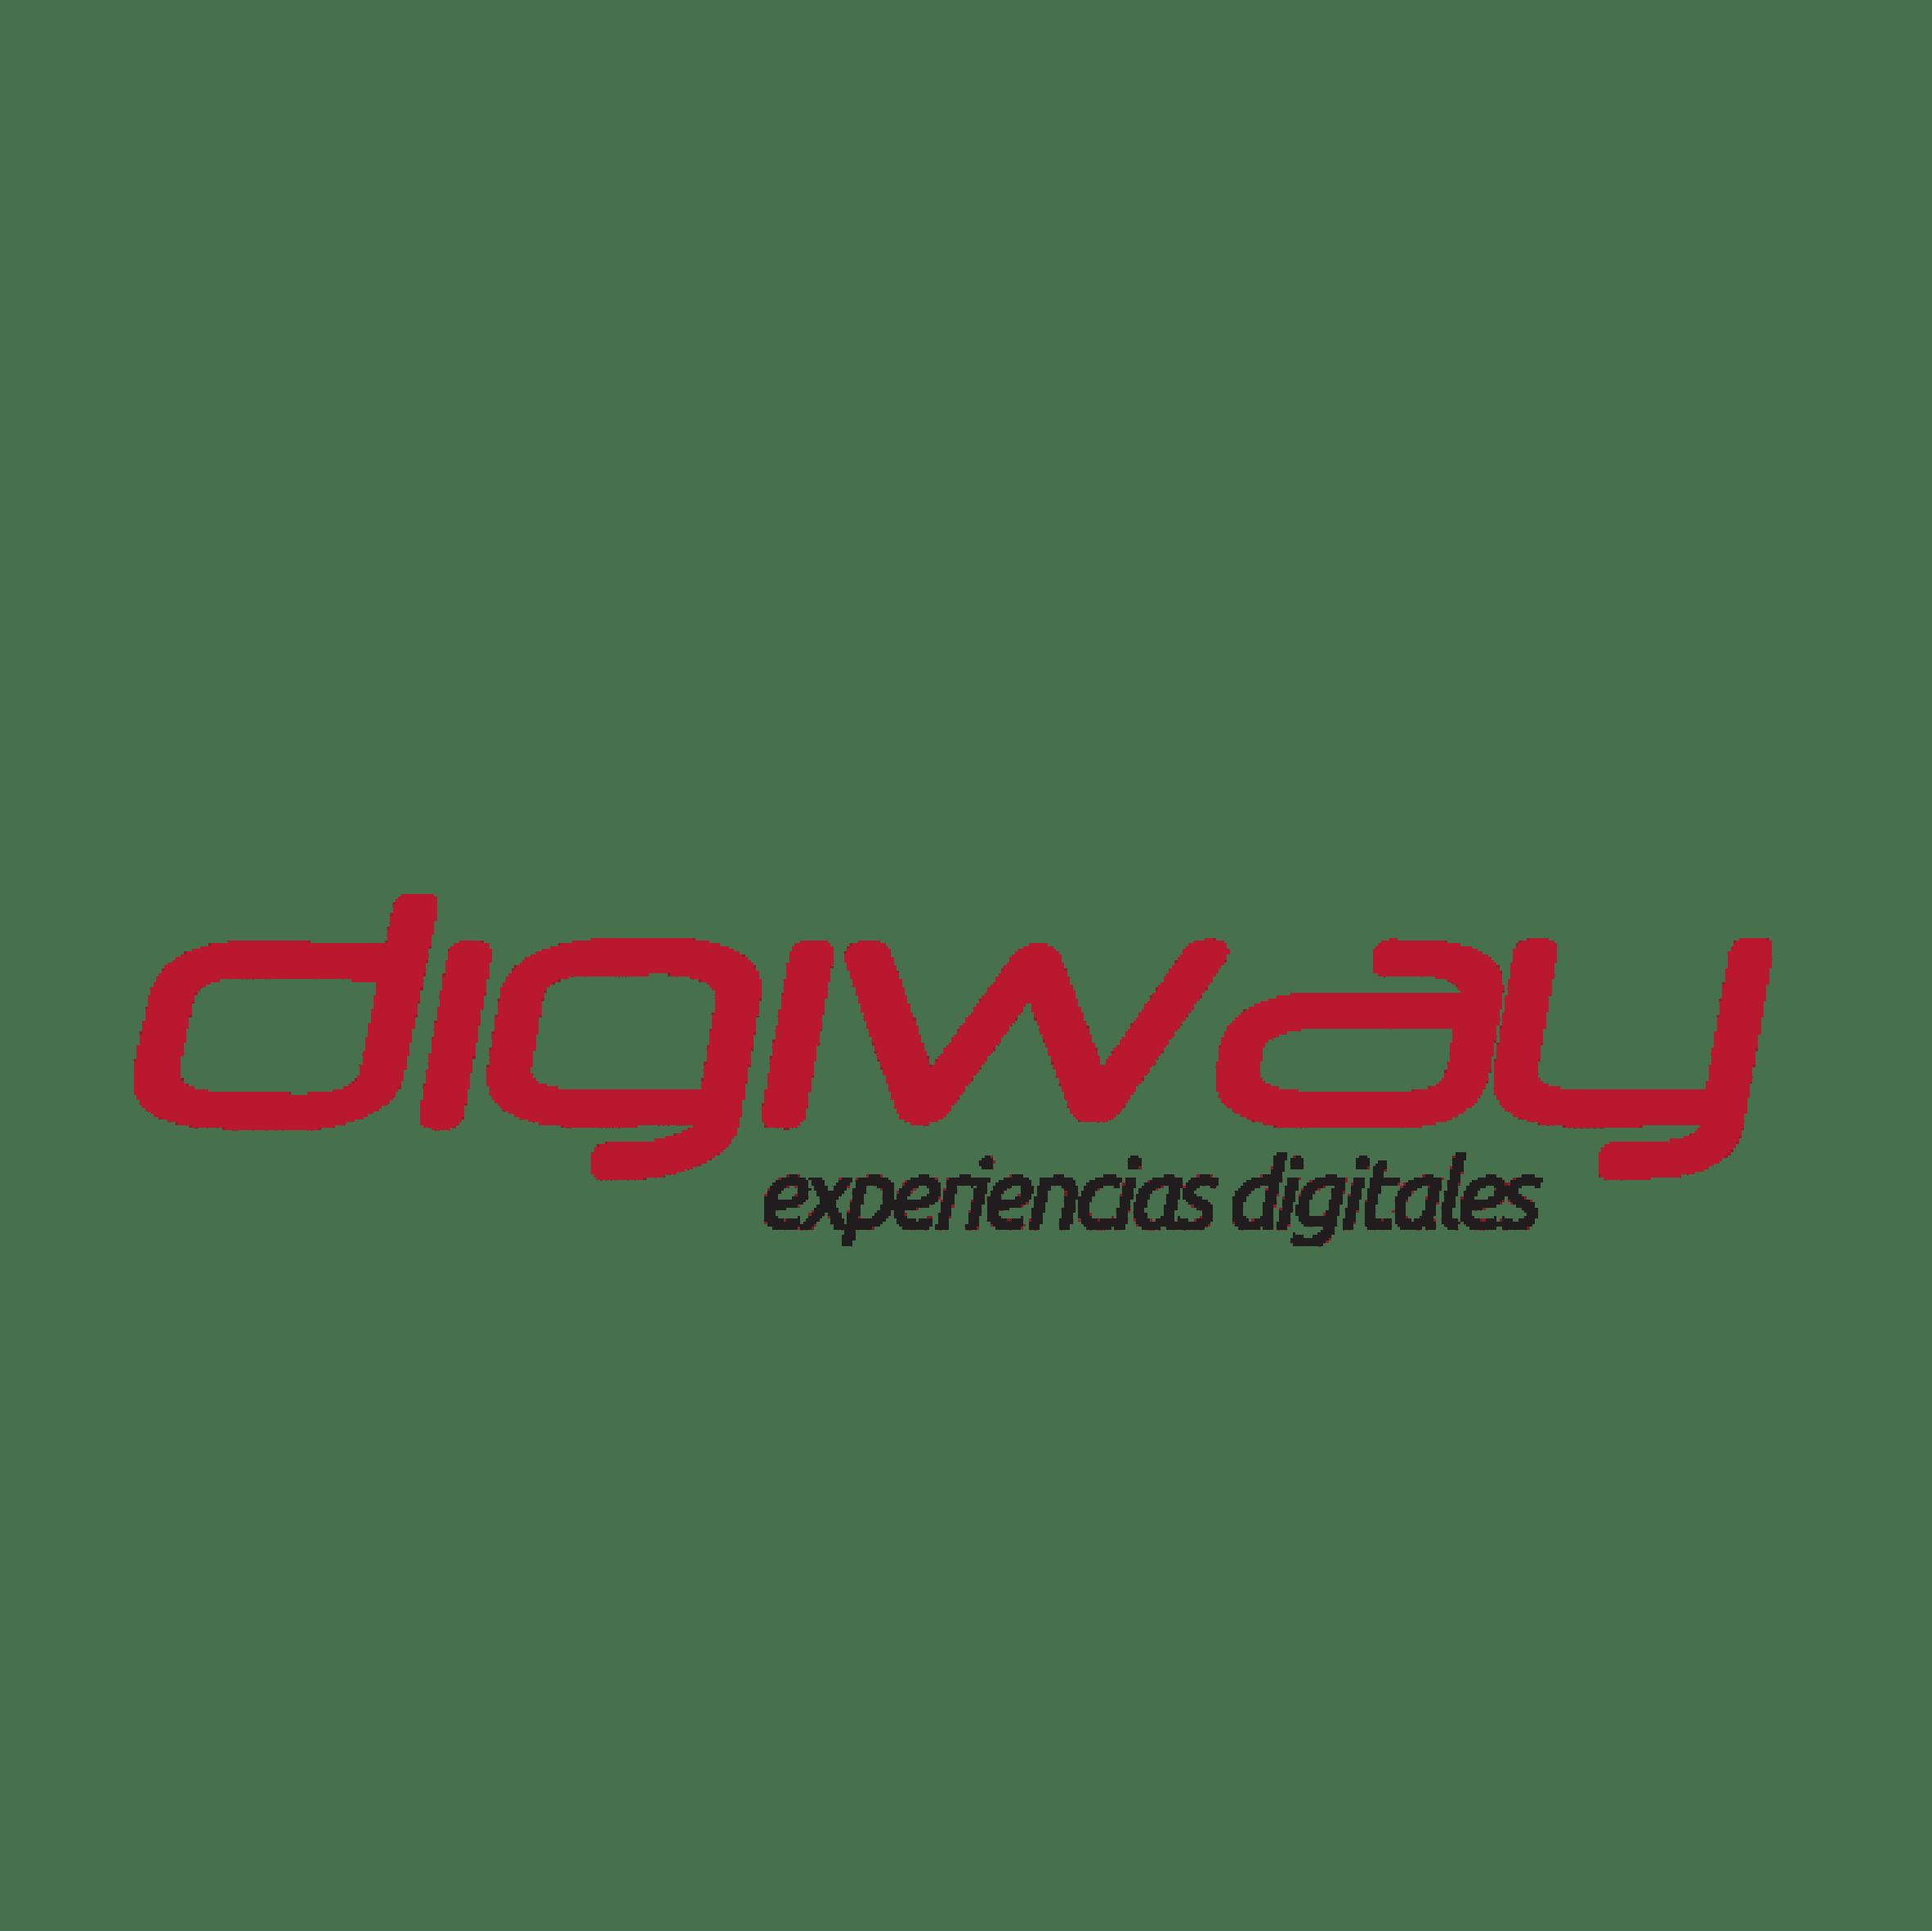 Responsabilidad Ambiental-  Digiway